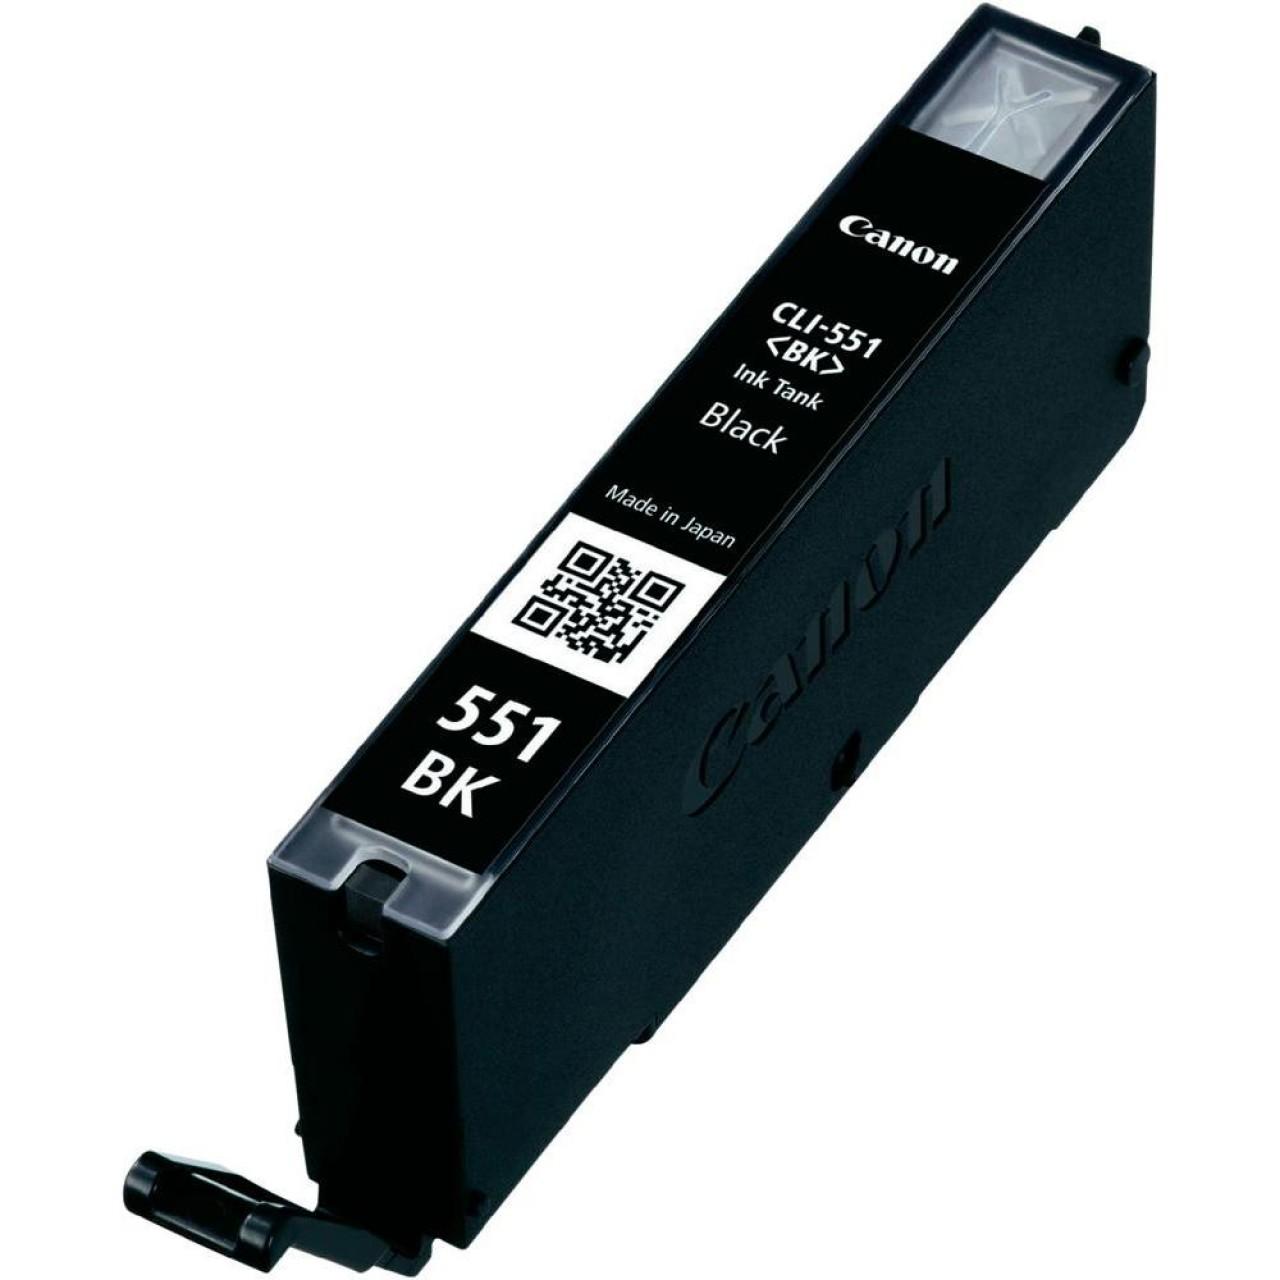 Μελάνι Canon Συμβατό  PF-CLI 551XL,Τελευταία εκδοση PF, Black 15ml για Pixma IP7250, IP8750, IX8650, MG5450, MG5550, MG5650, MG5655, MG6350, MG6450, MG6650, MG7150, MX725, MX925